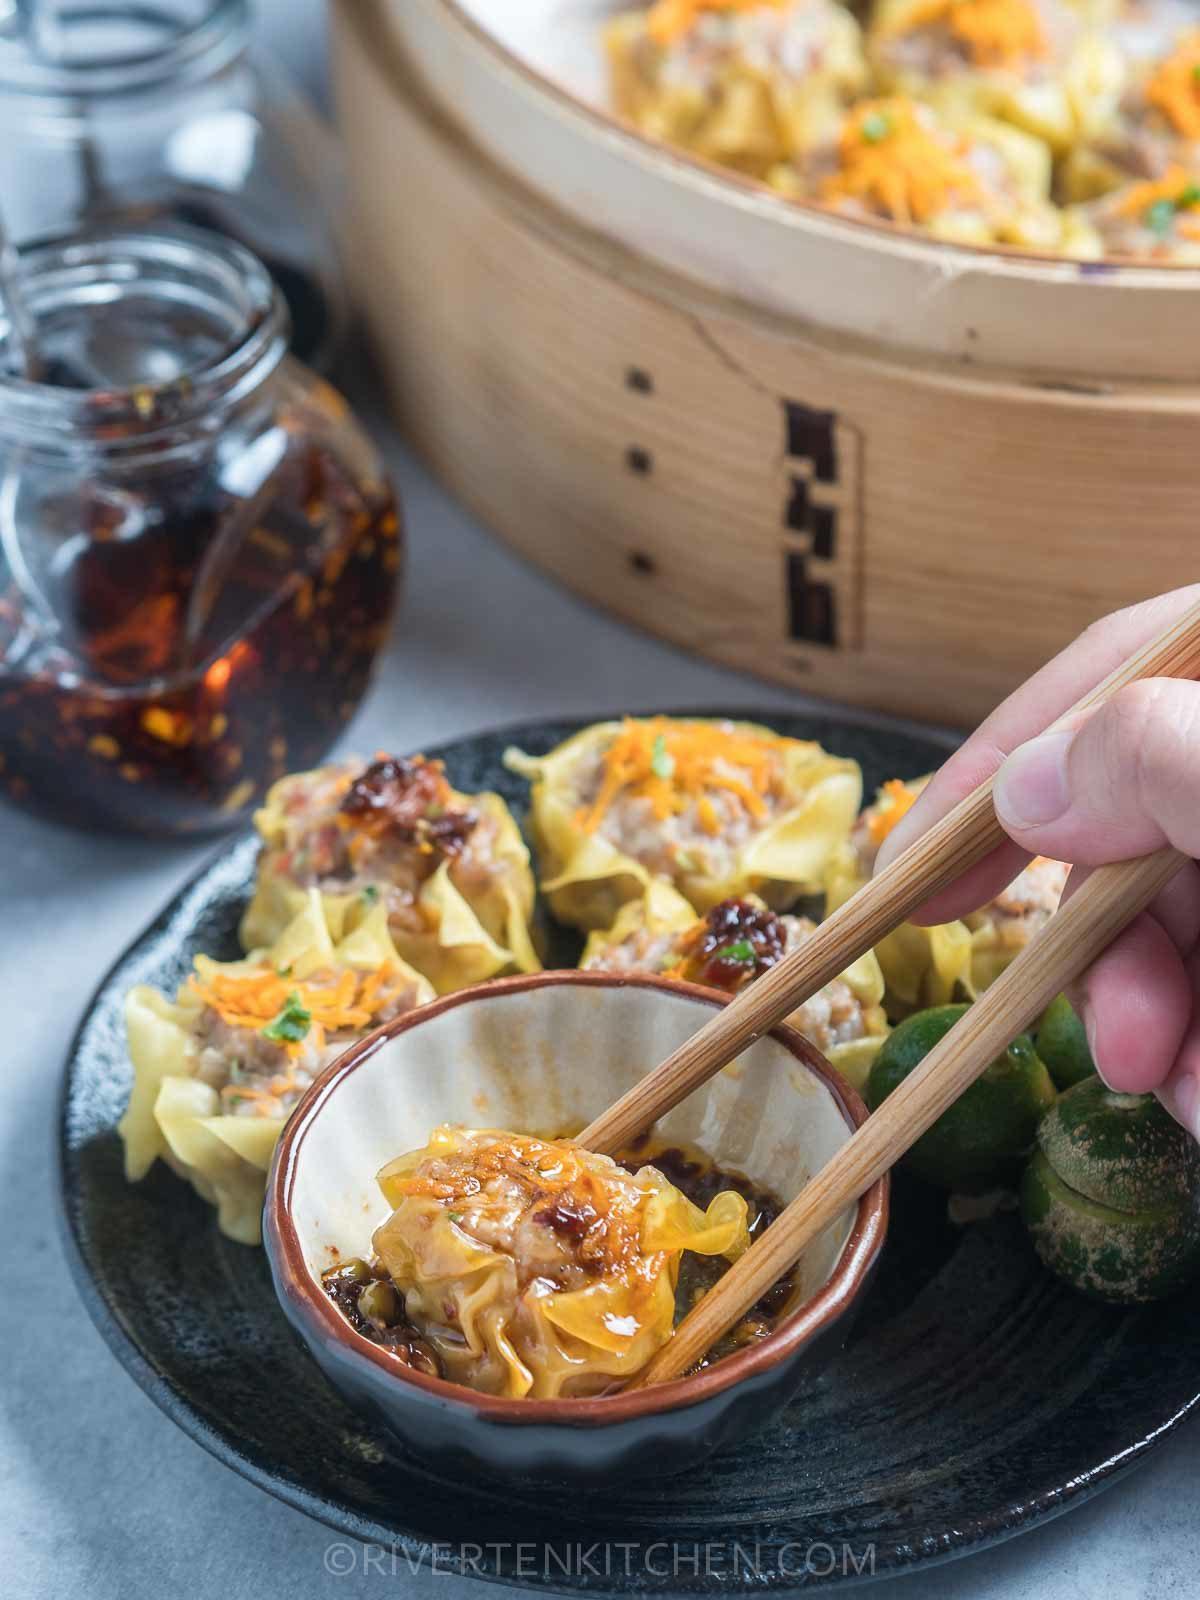 Shu Mai in Chili Garlic Oil